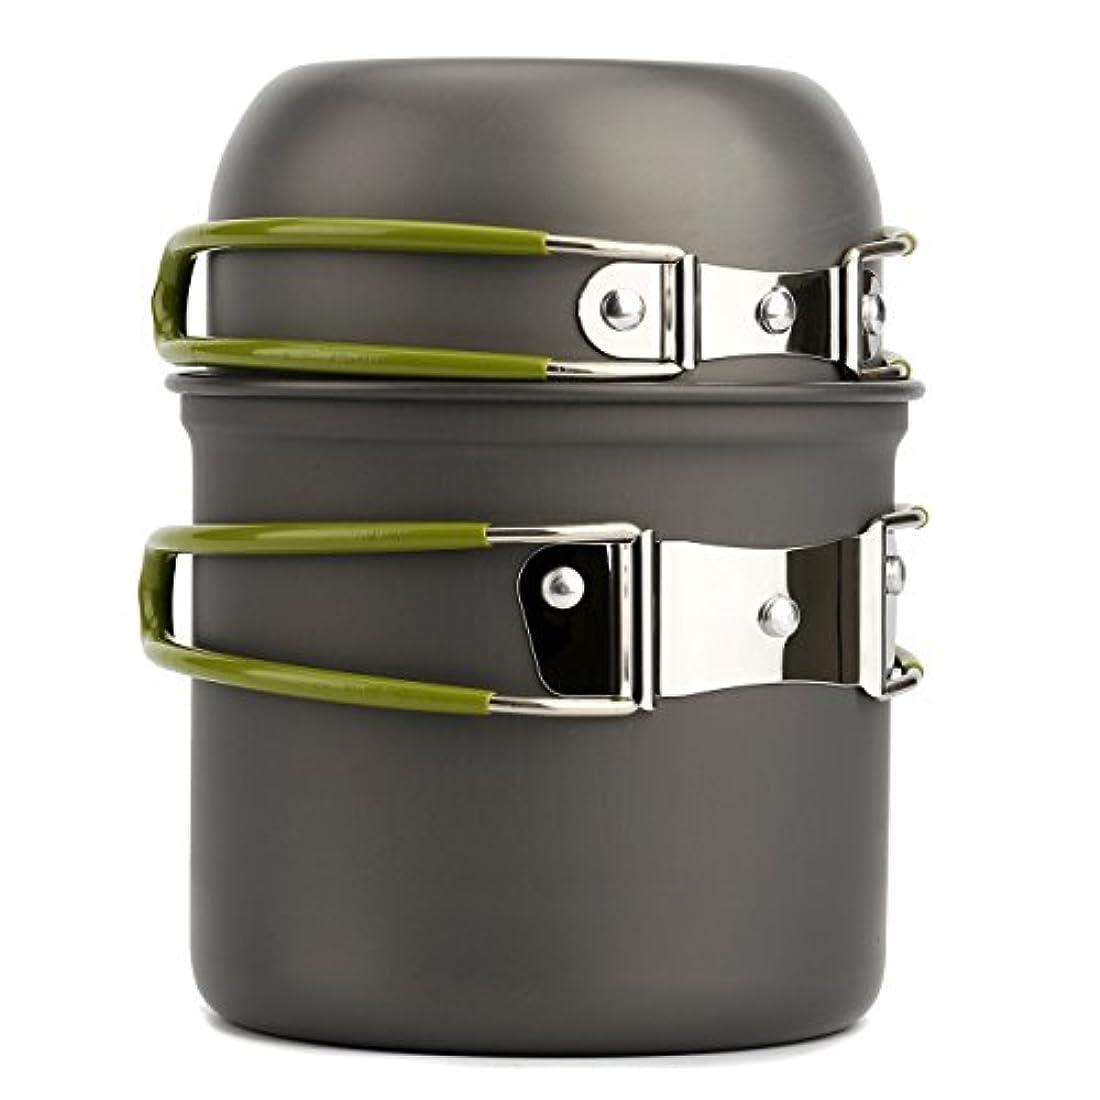 酸化物維持つぶすHappyハッピー耳 コッヘル キャンプ用 ピクニック用 ポータブル 便利 食器    調理器具 収納袋付き バーベキュー クッキング用品  コンパクト